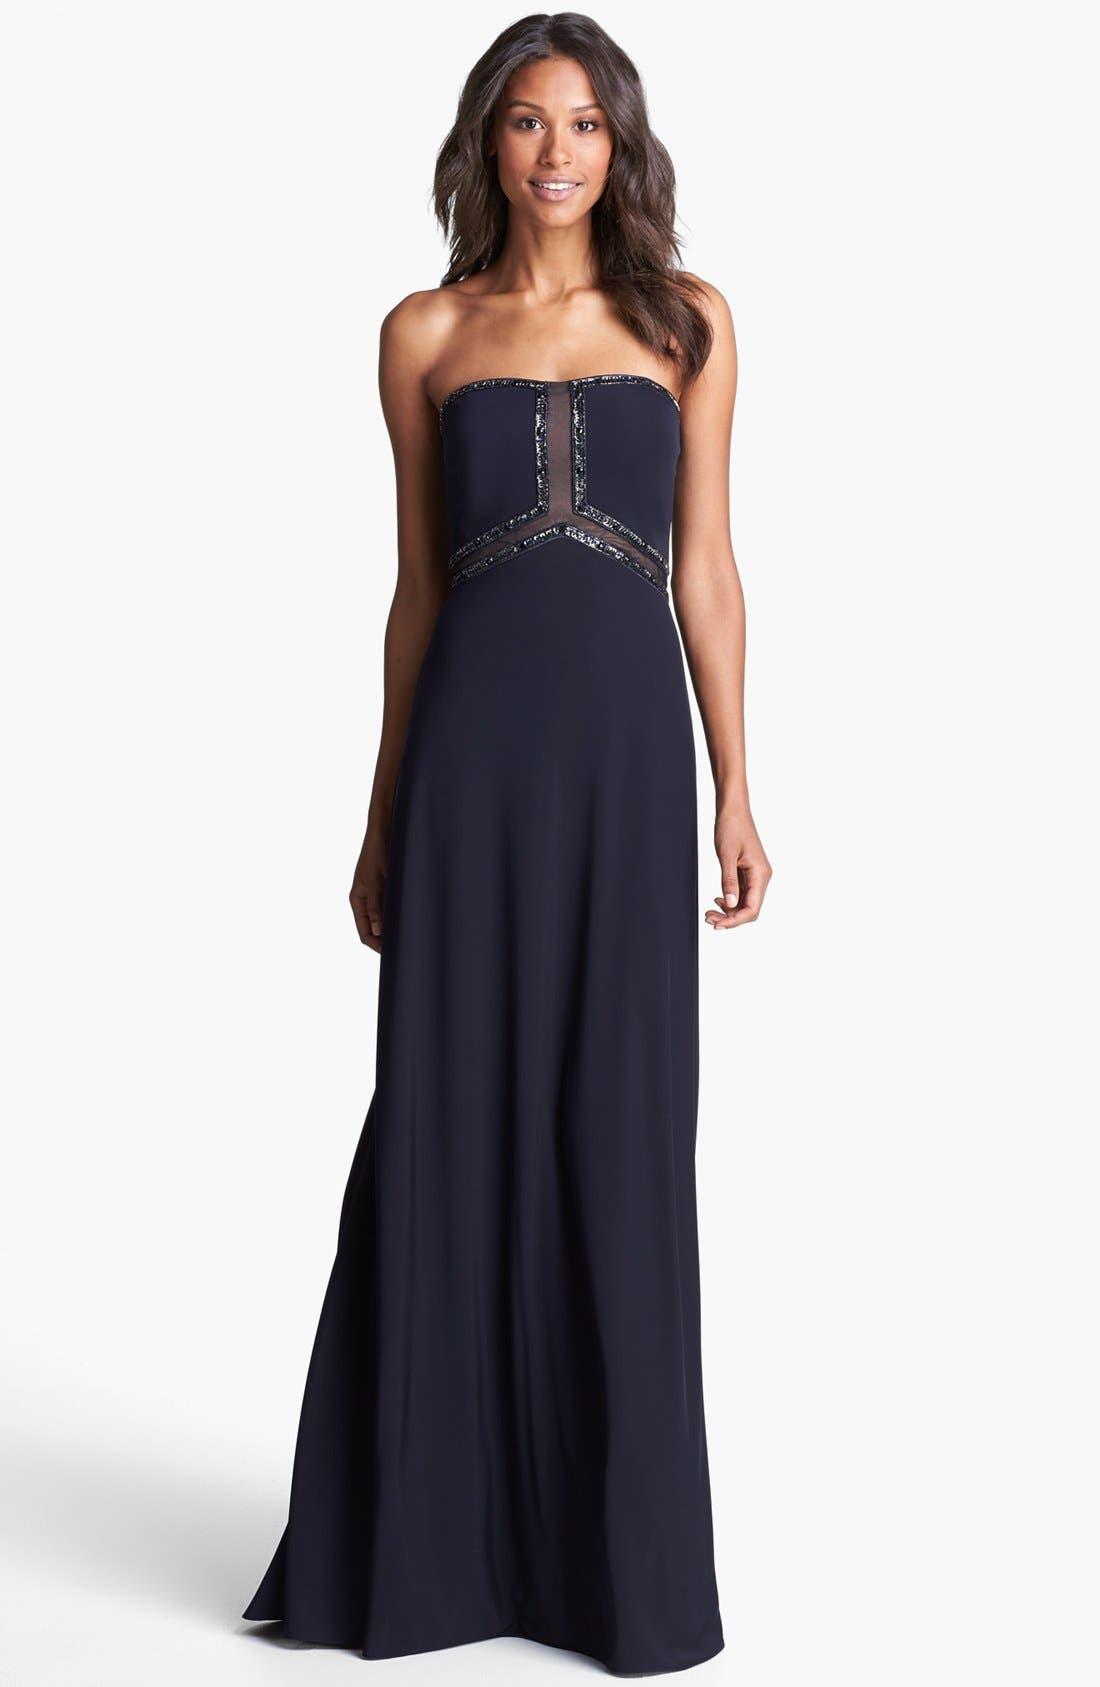 Main Image - Aidan Mattox Embellished Mesh Inset Dress